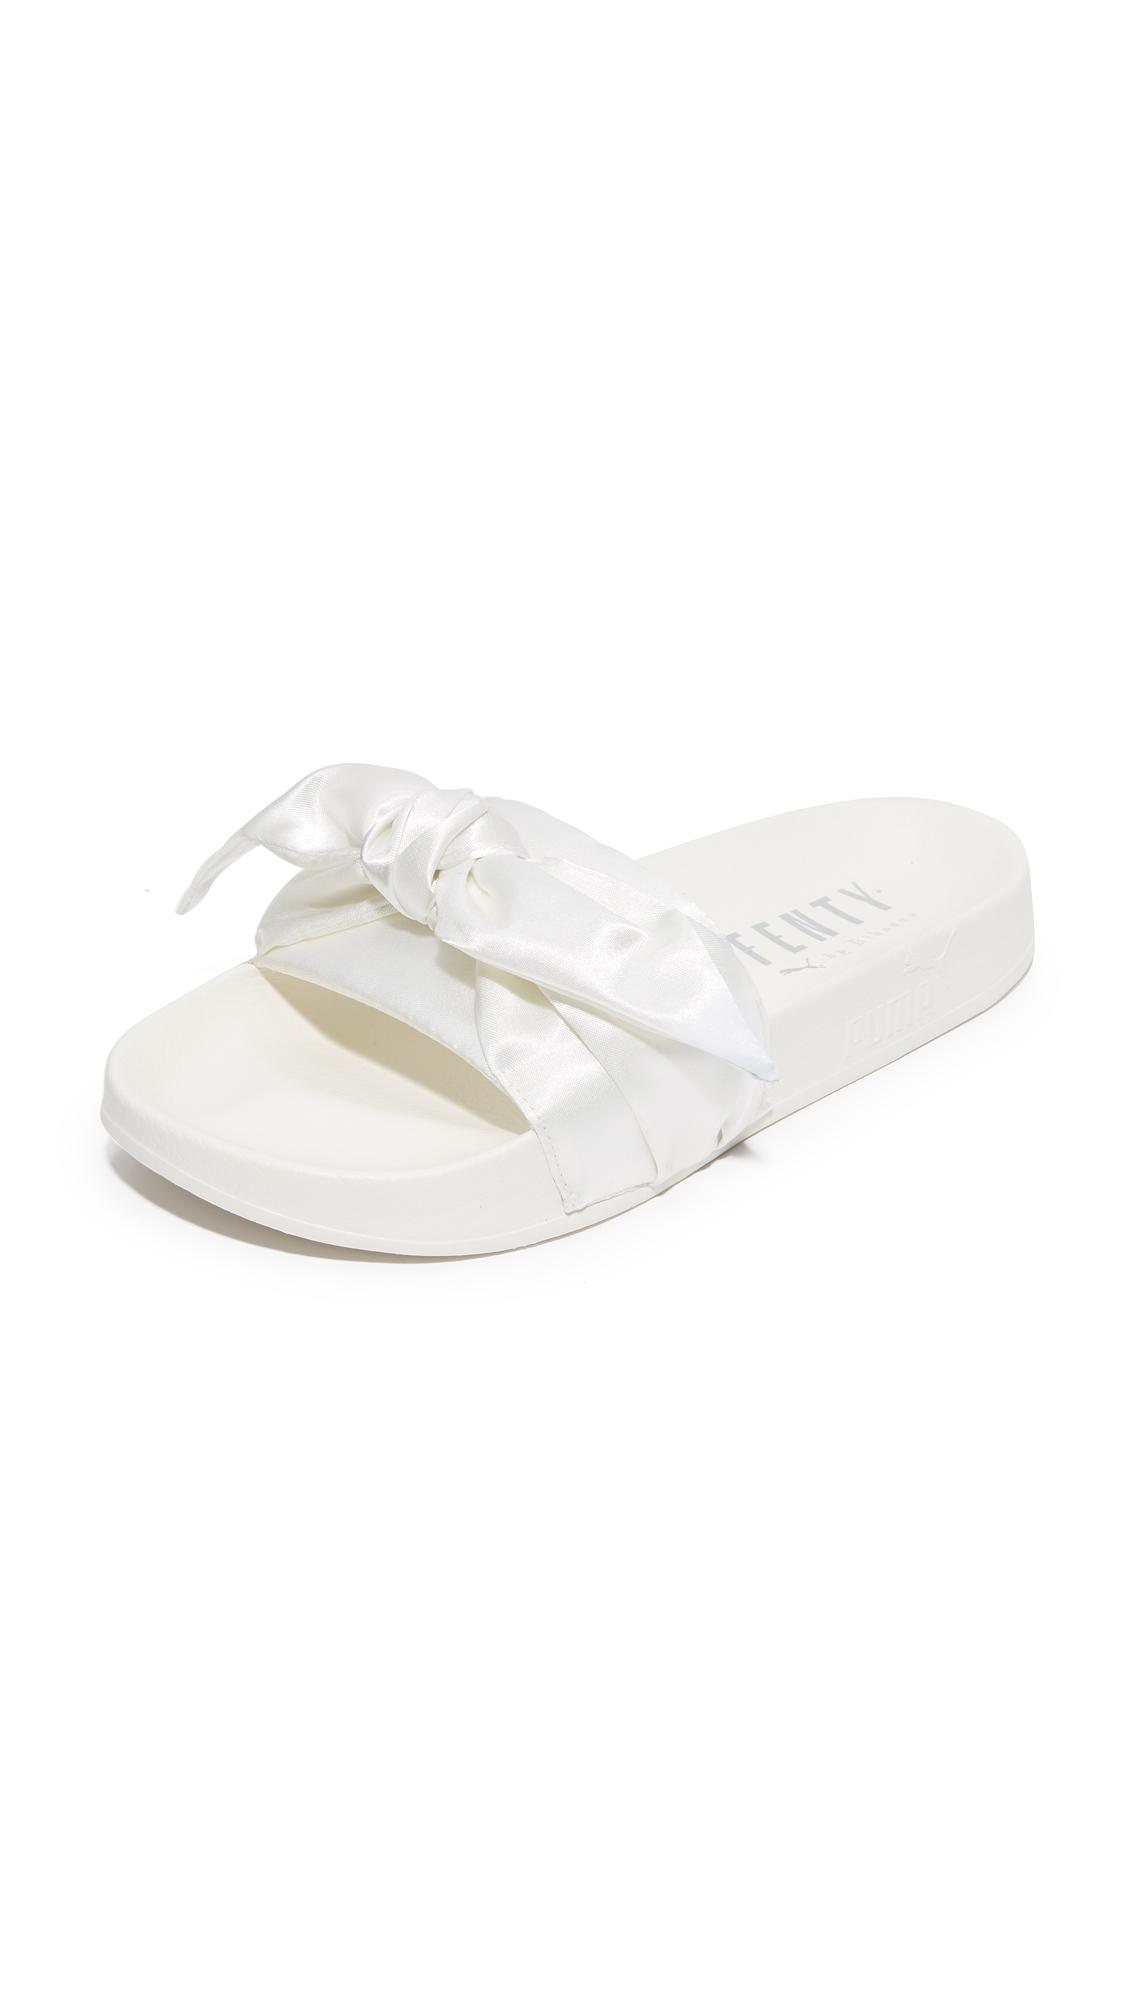 PUMA FENTY x PUMA Bow Slides - Marshmallow/Puma Silver